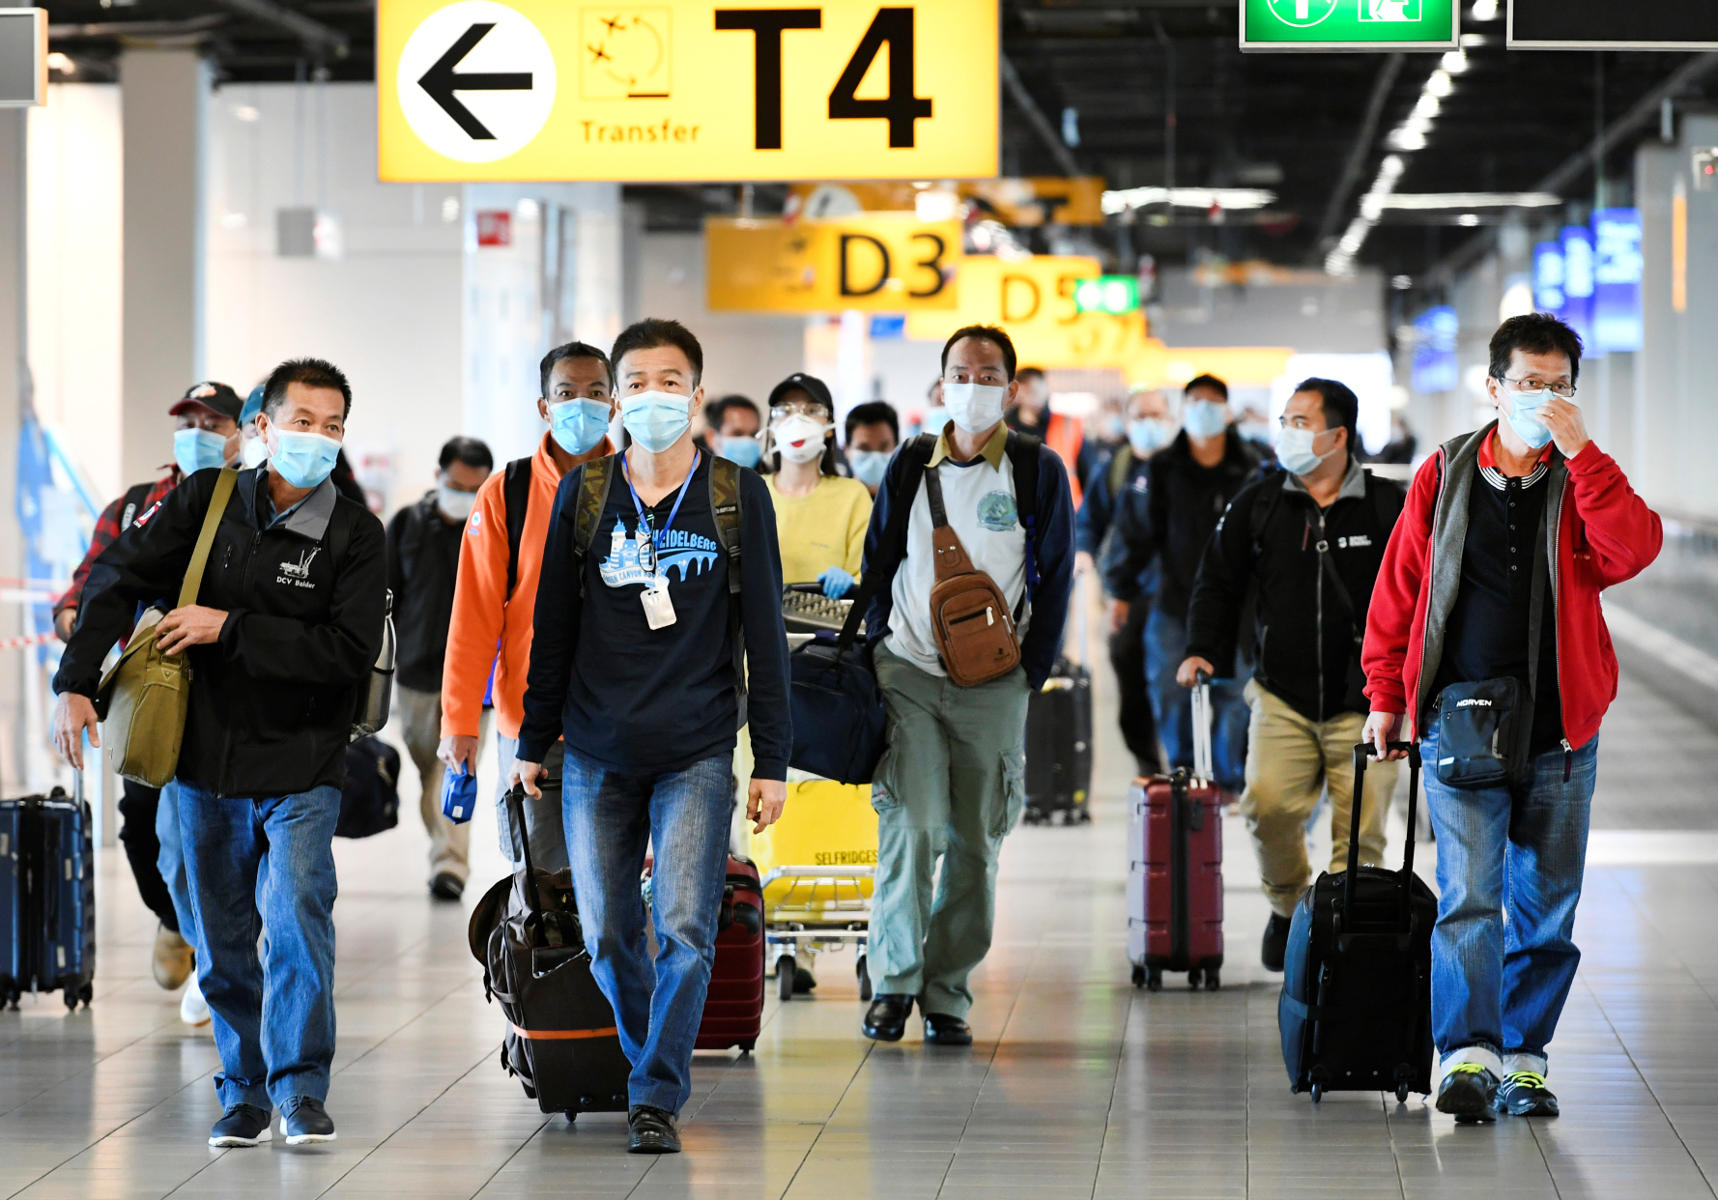 Κορονοϊός: «Πλήρης» ταξιδιωτική οδηγία για άλλες τέσσερις χώρες από την Αυστρία